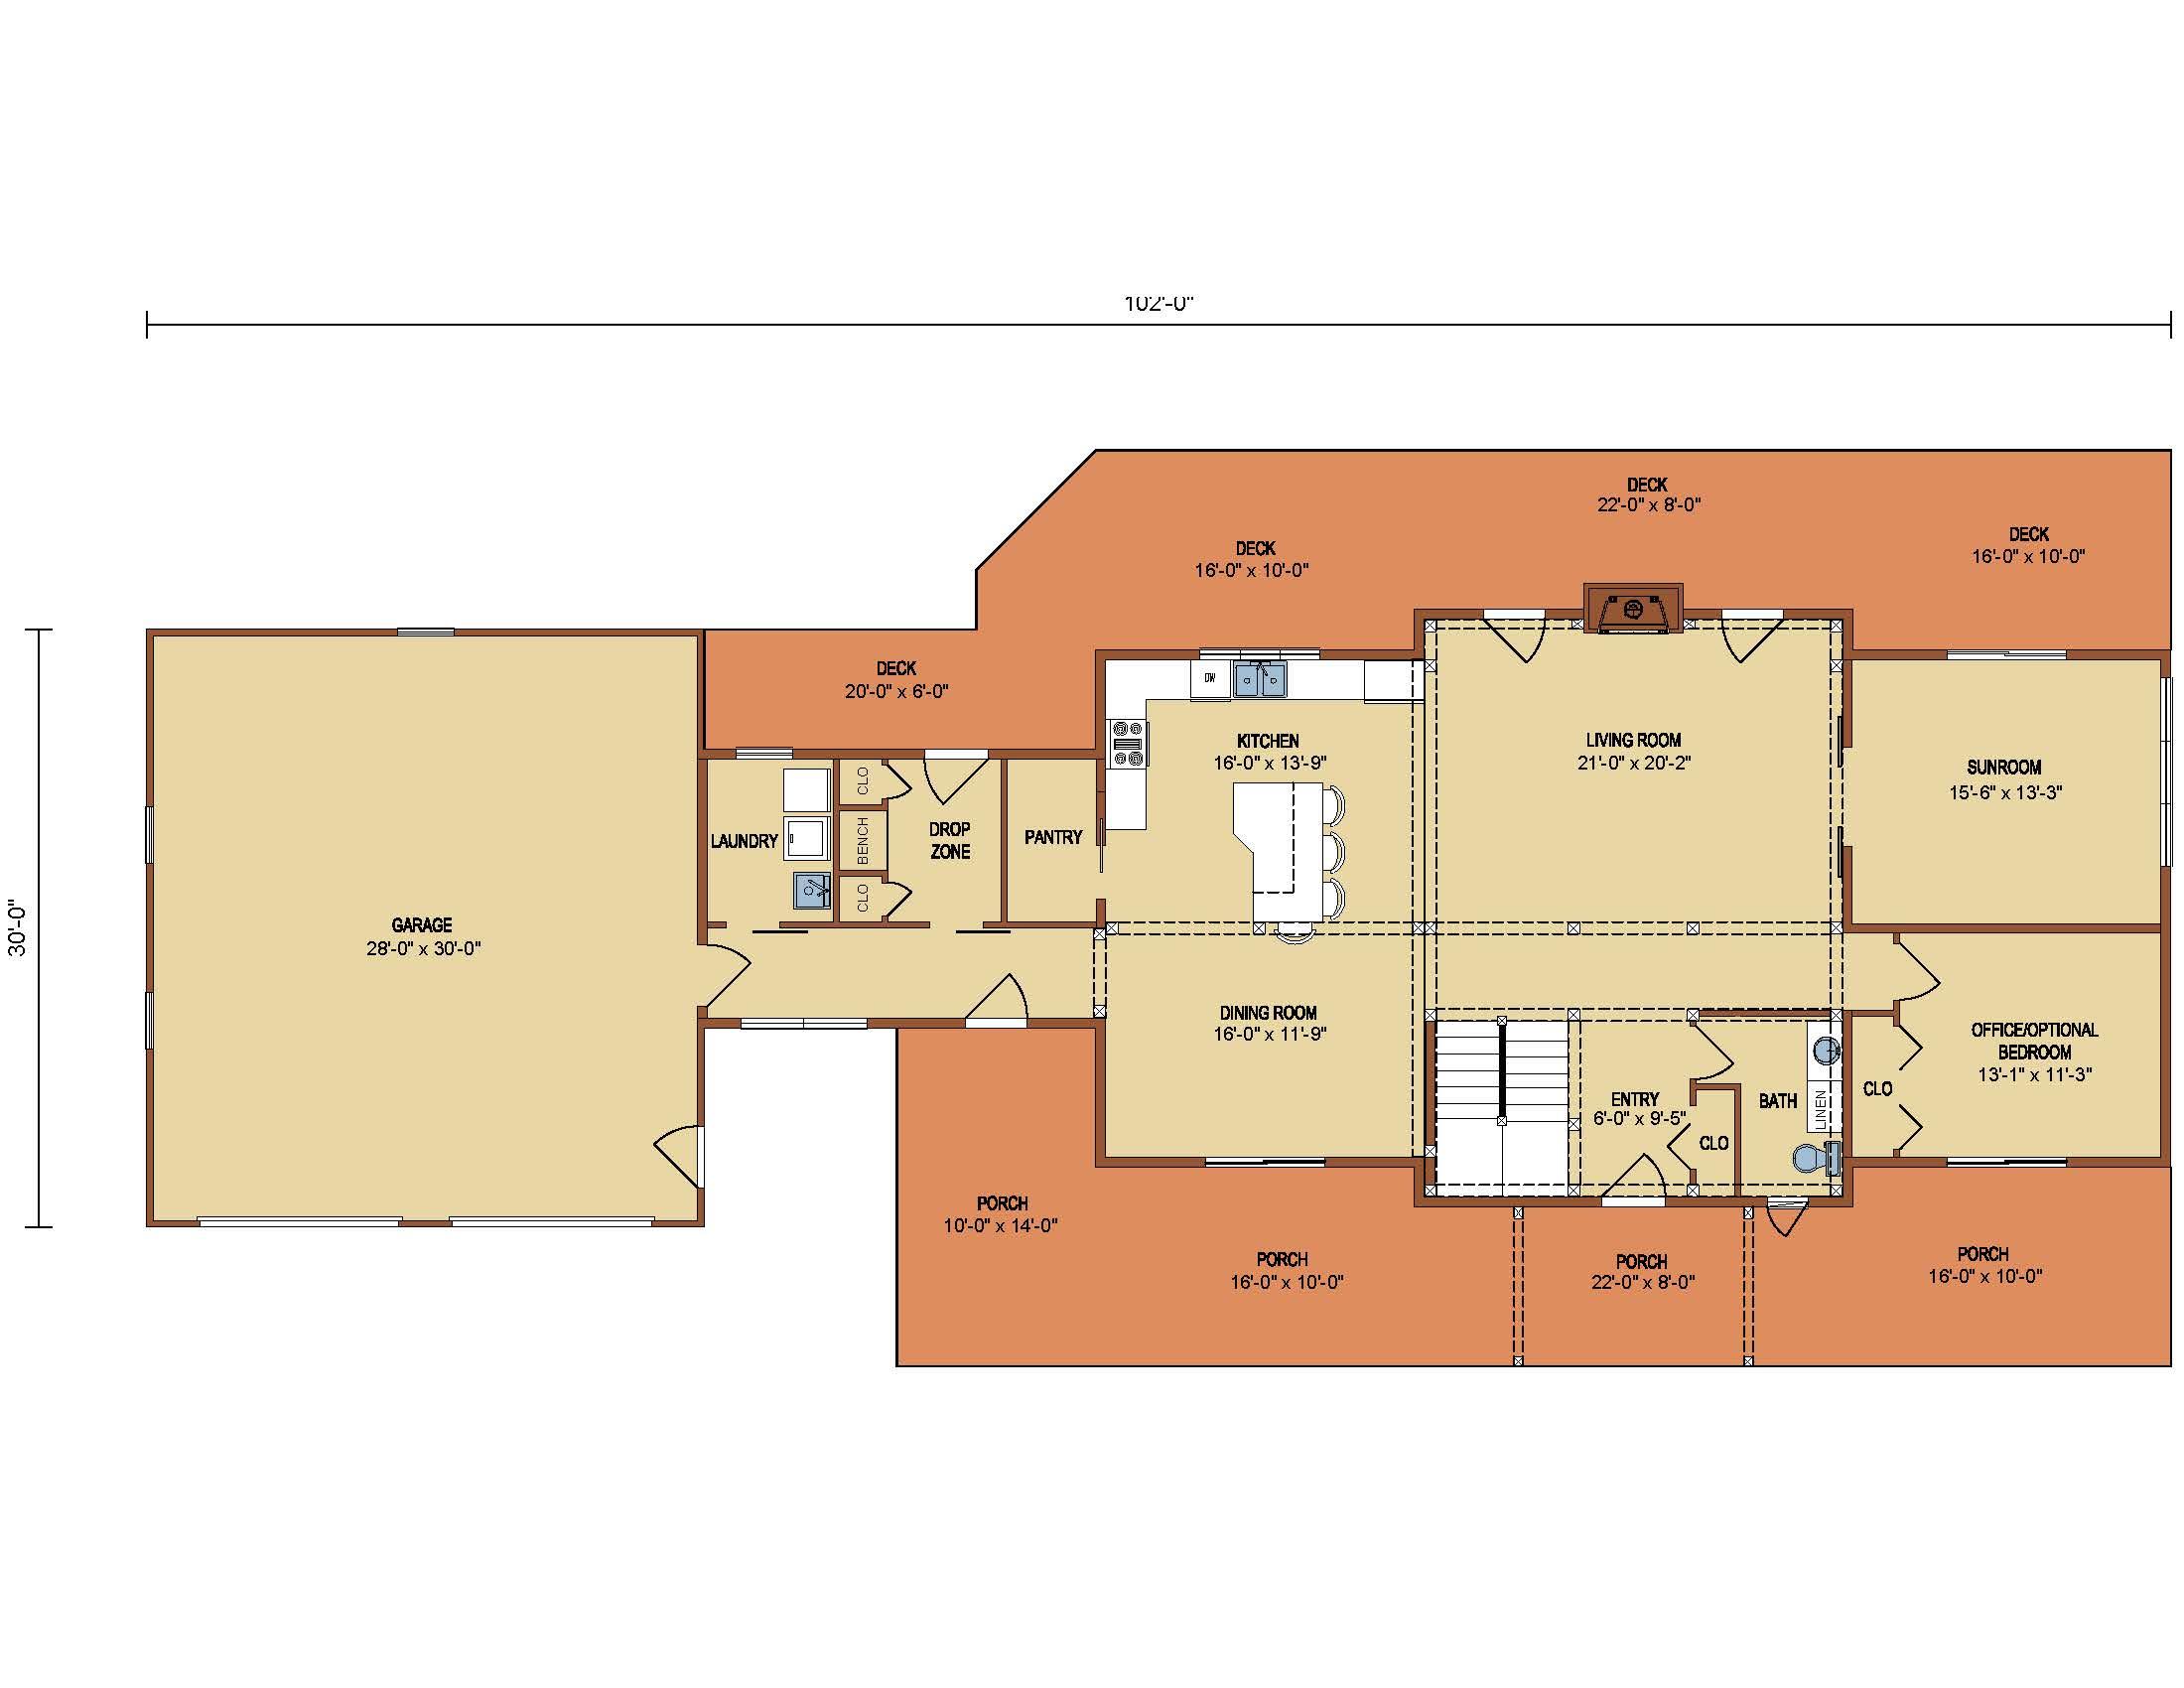 Loganton Timber Frame 1st Level Floor Plan